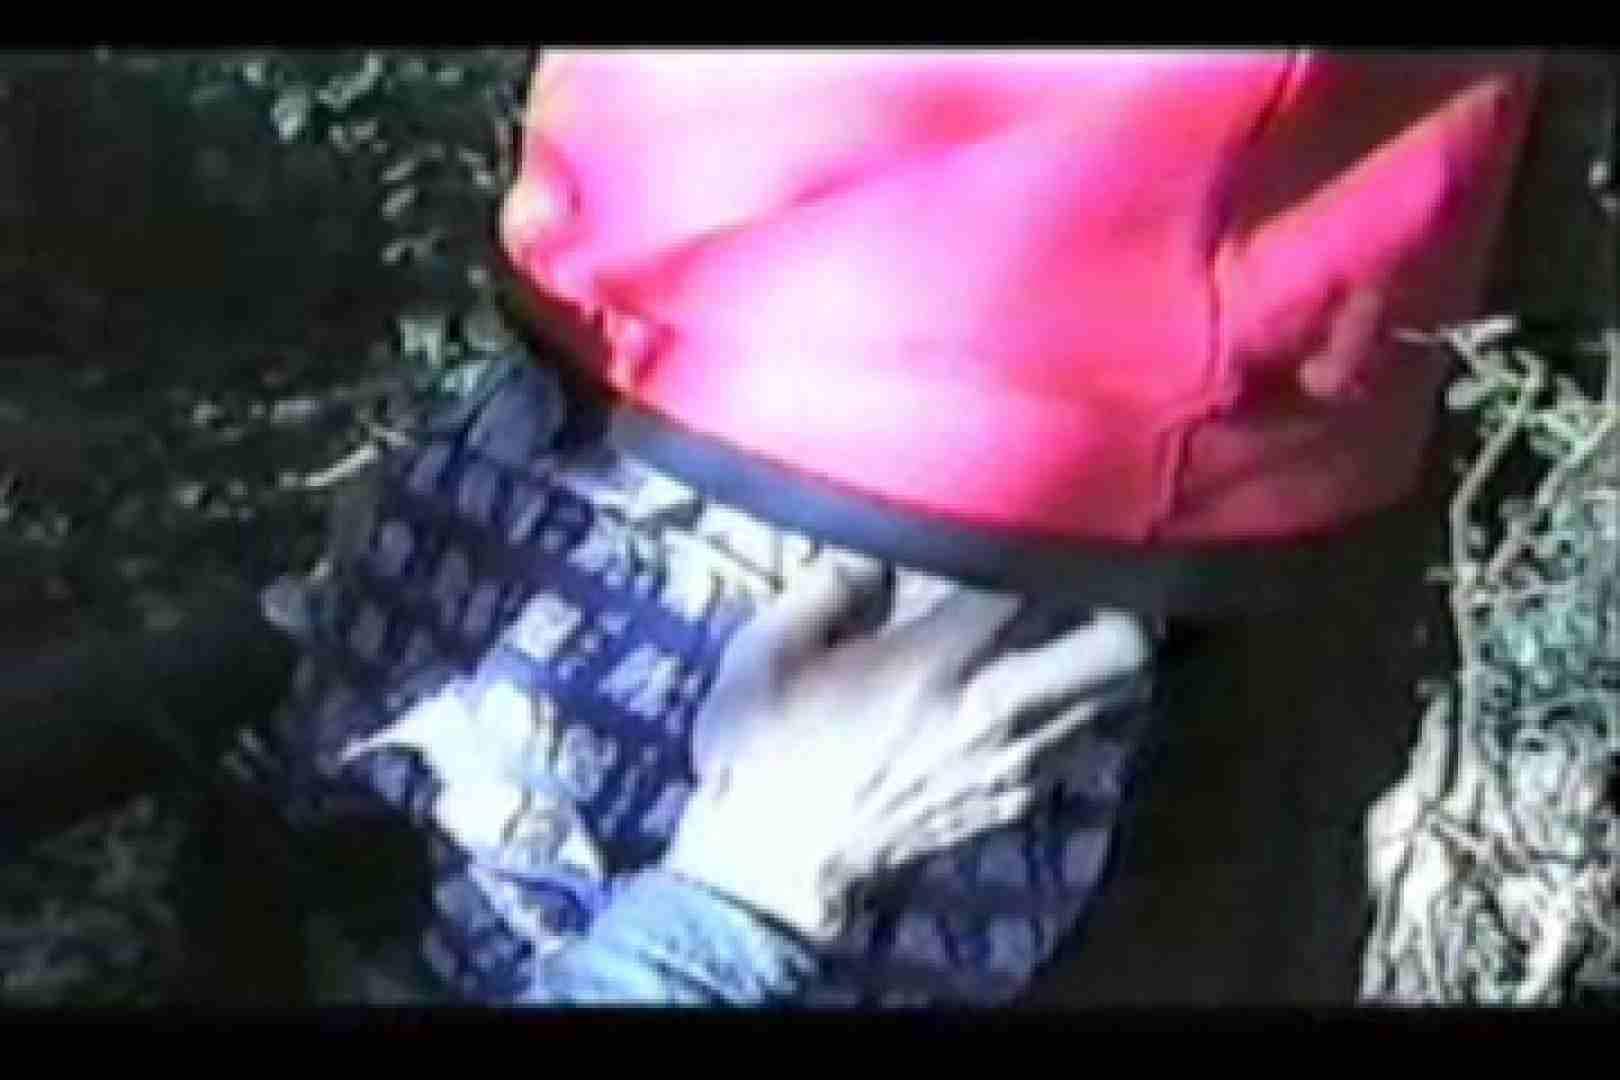 オールドゲイシリーズ  美少年ひかるのオープンファック ディープキス チンコ画像 46pic 36